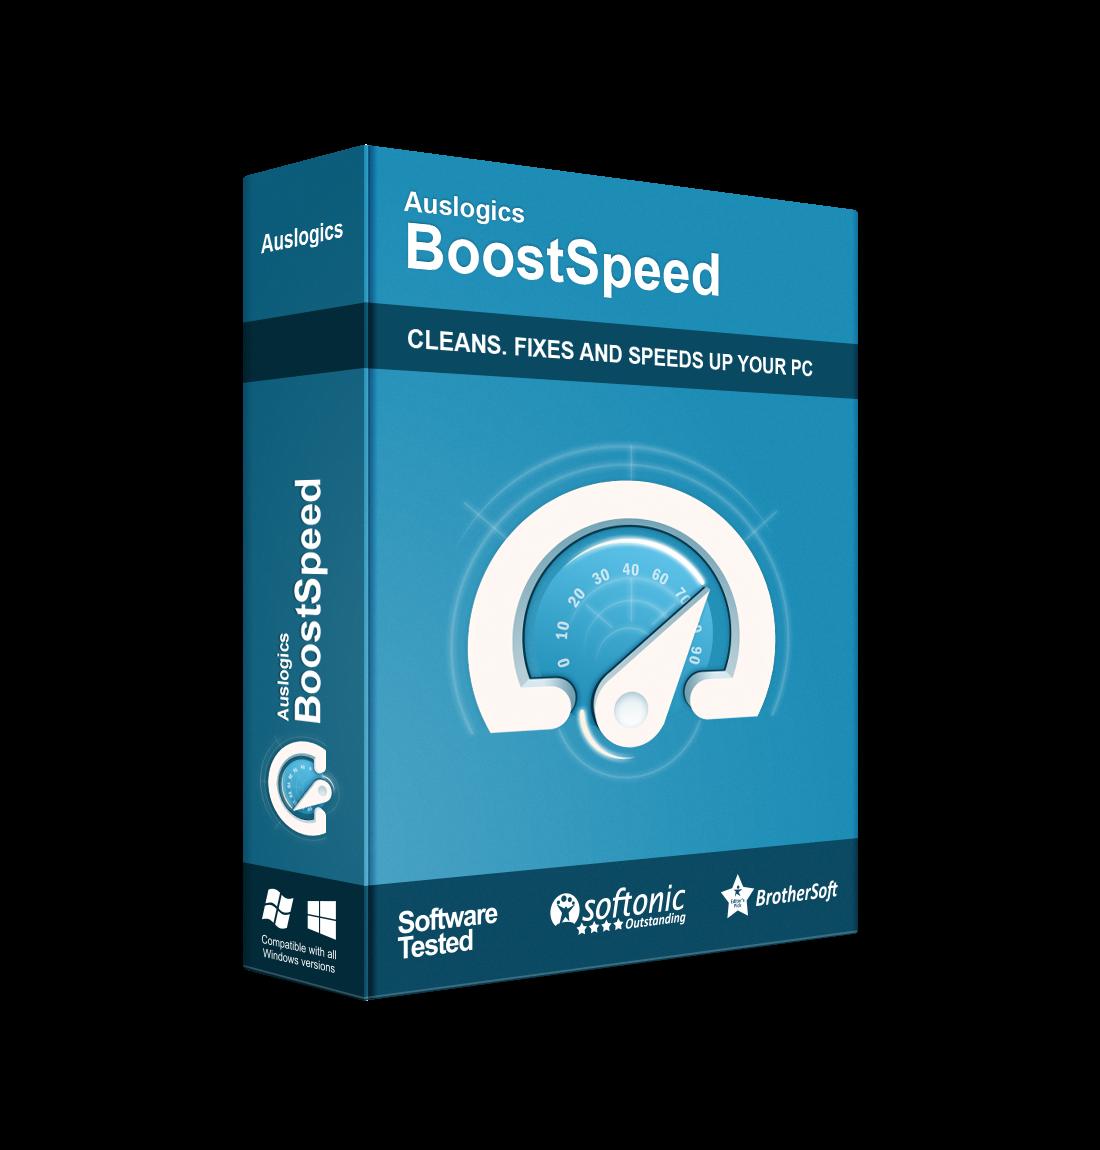 BoostSpeed